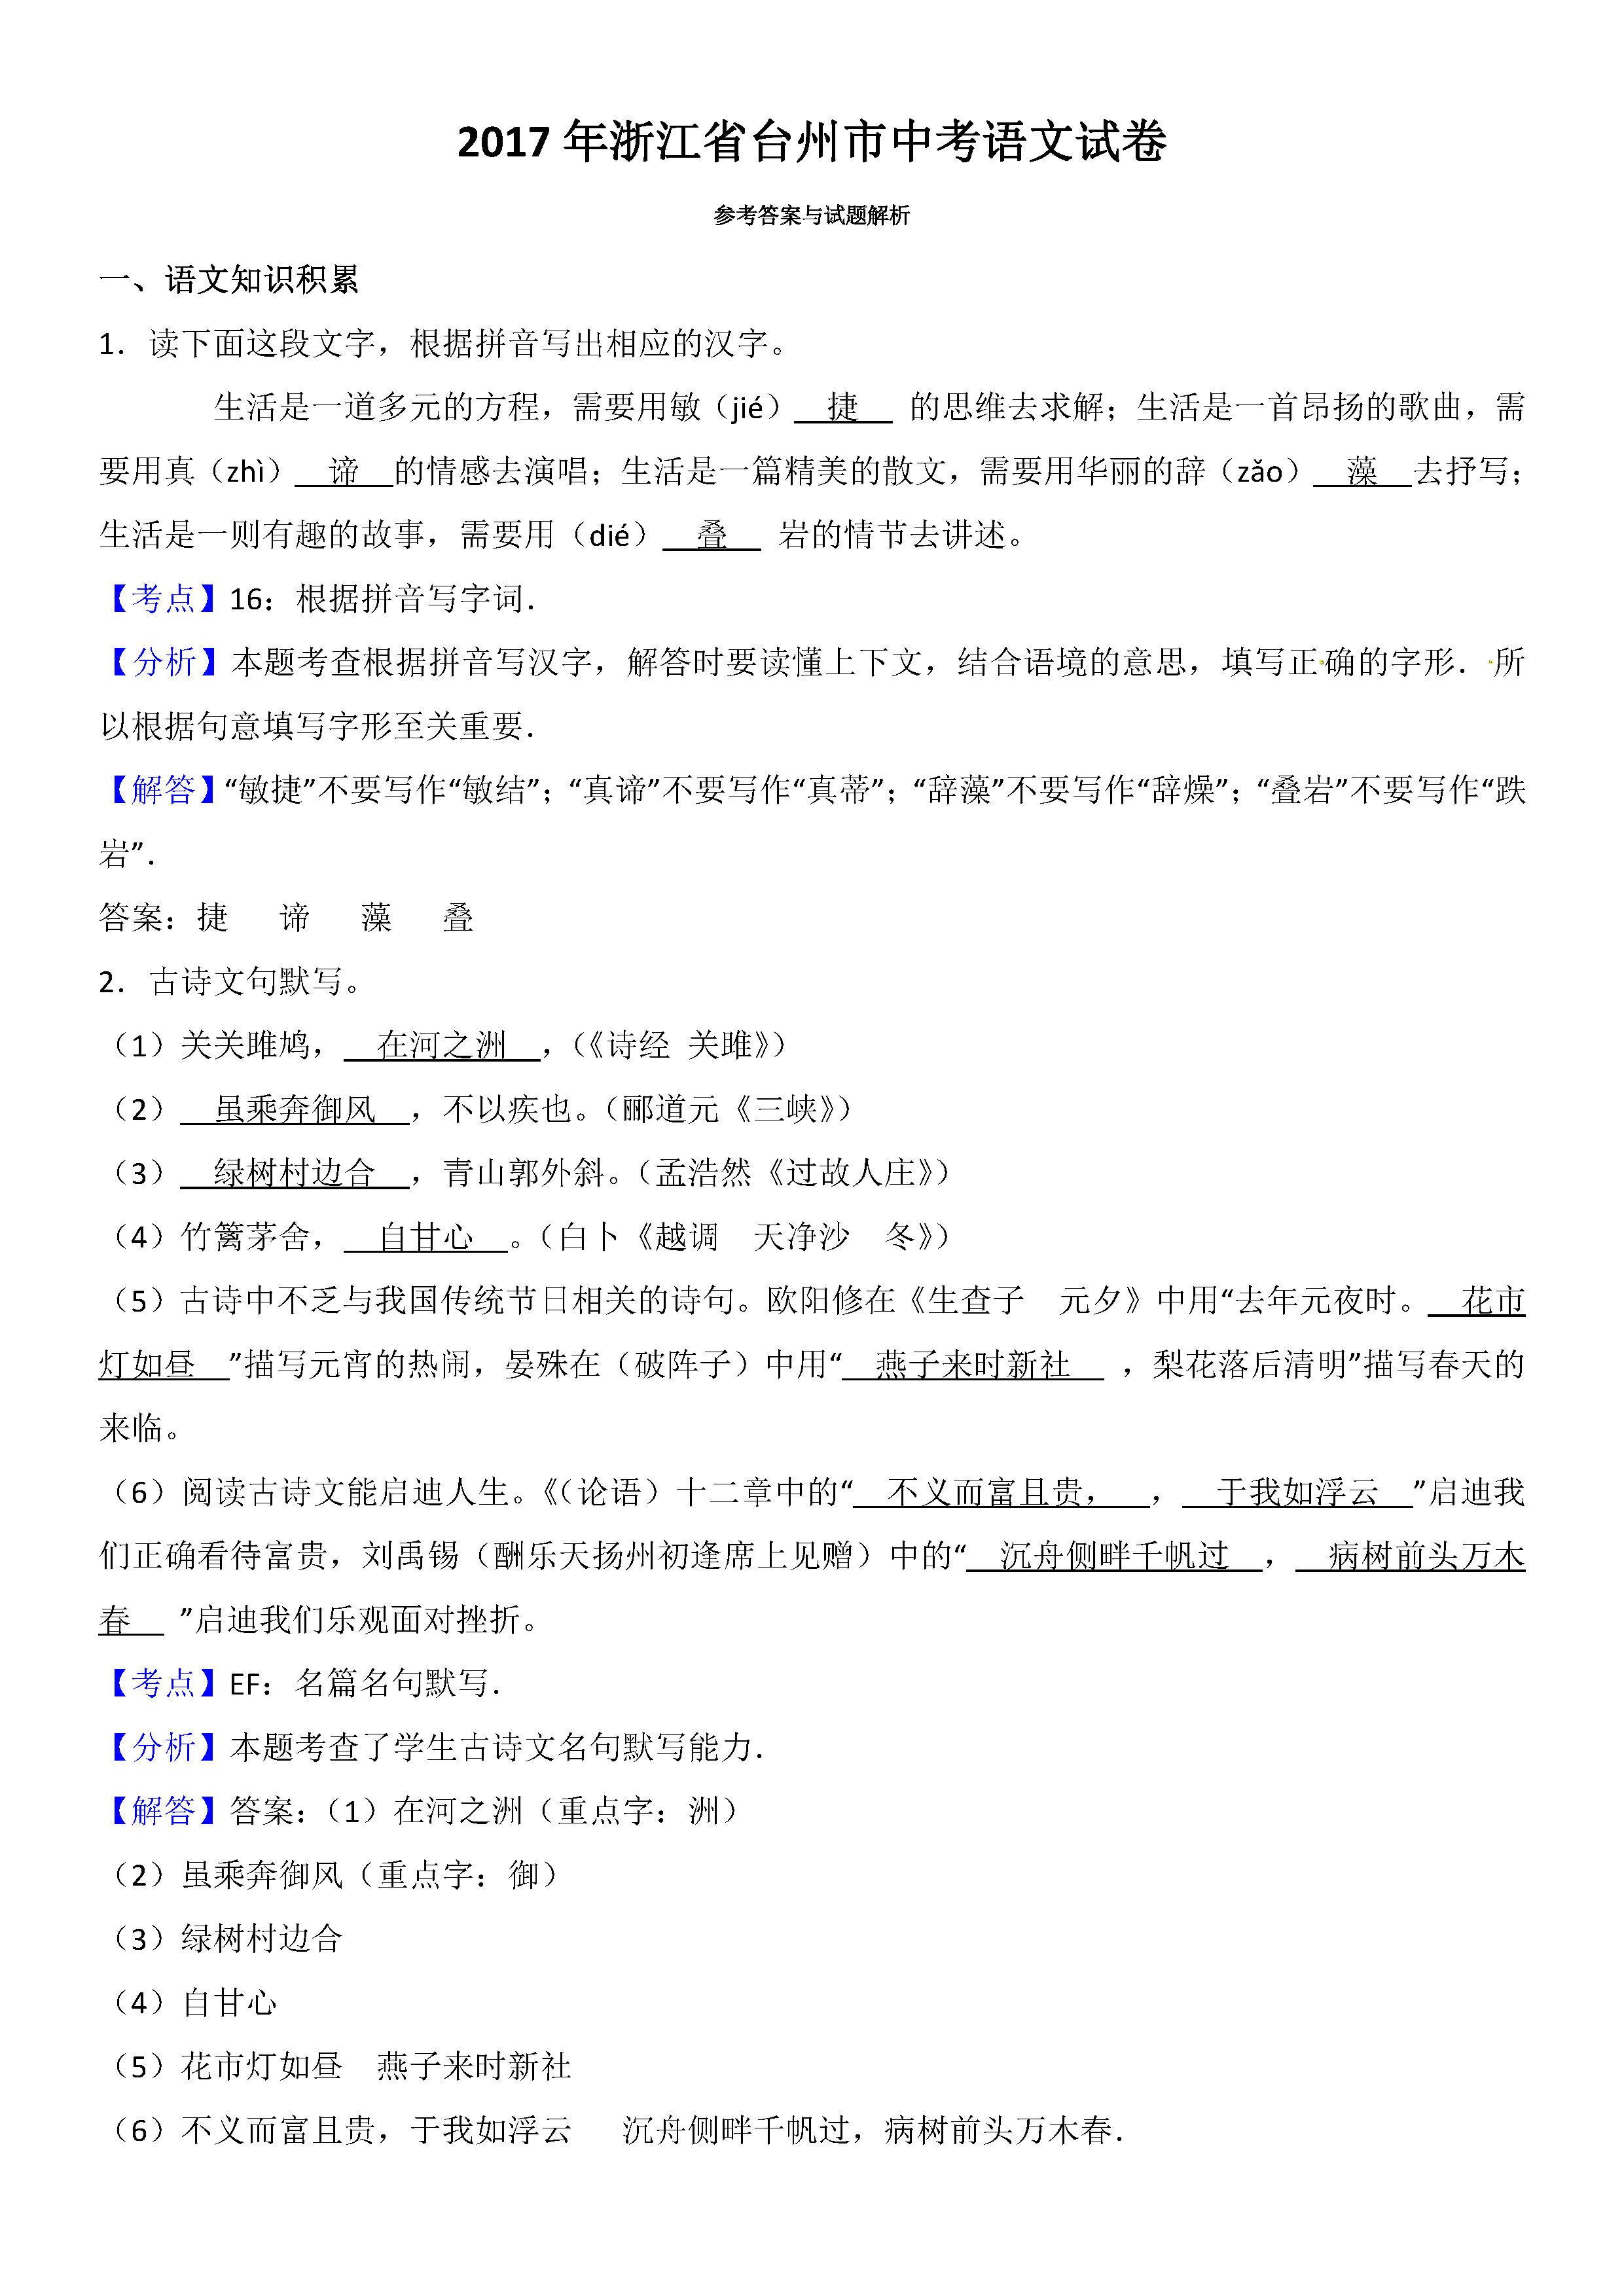 2017台州中考语文试题及答案解析(word版含答案)